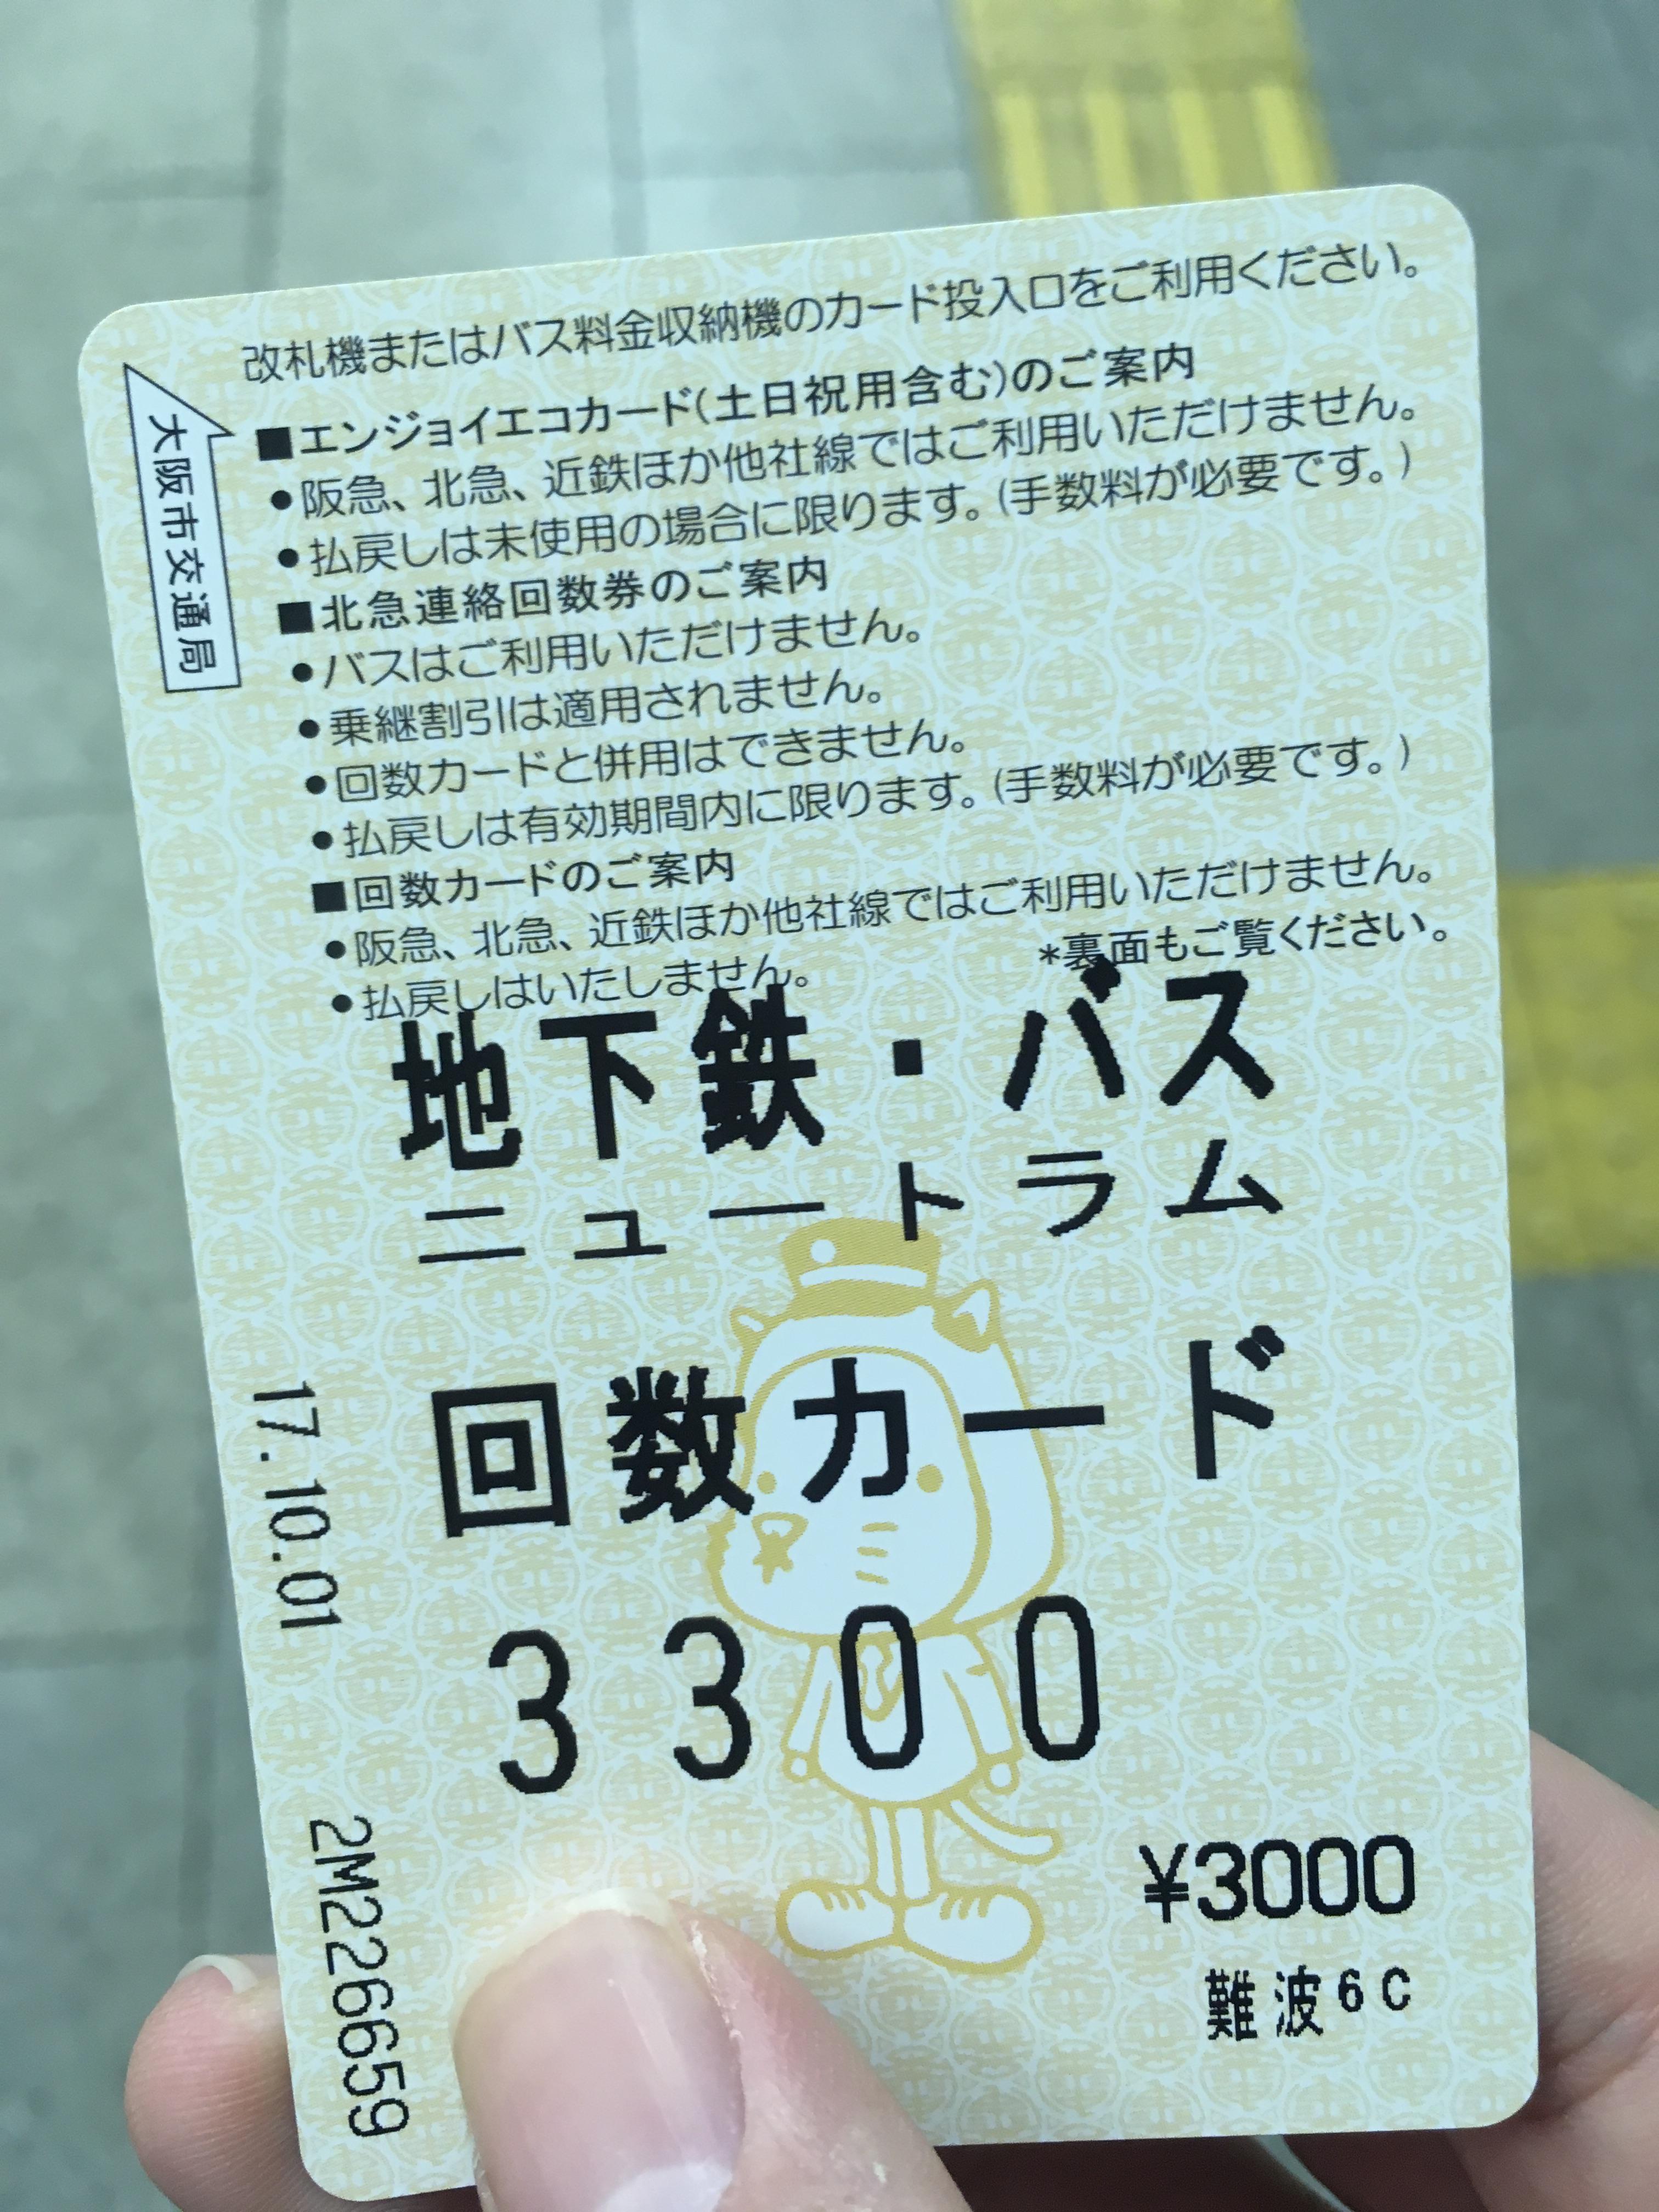 きっぷは損!大阪メトロは回数カードで常に割引で乗車!誰でも簡単にできる節約法を紹介